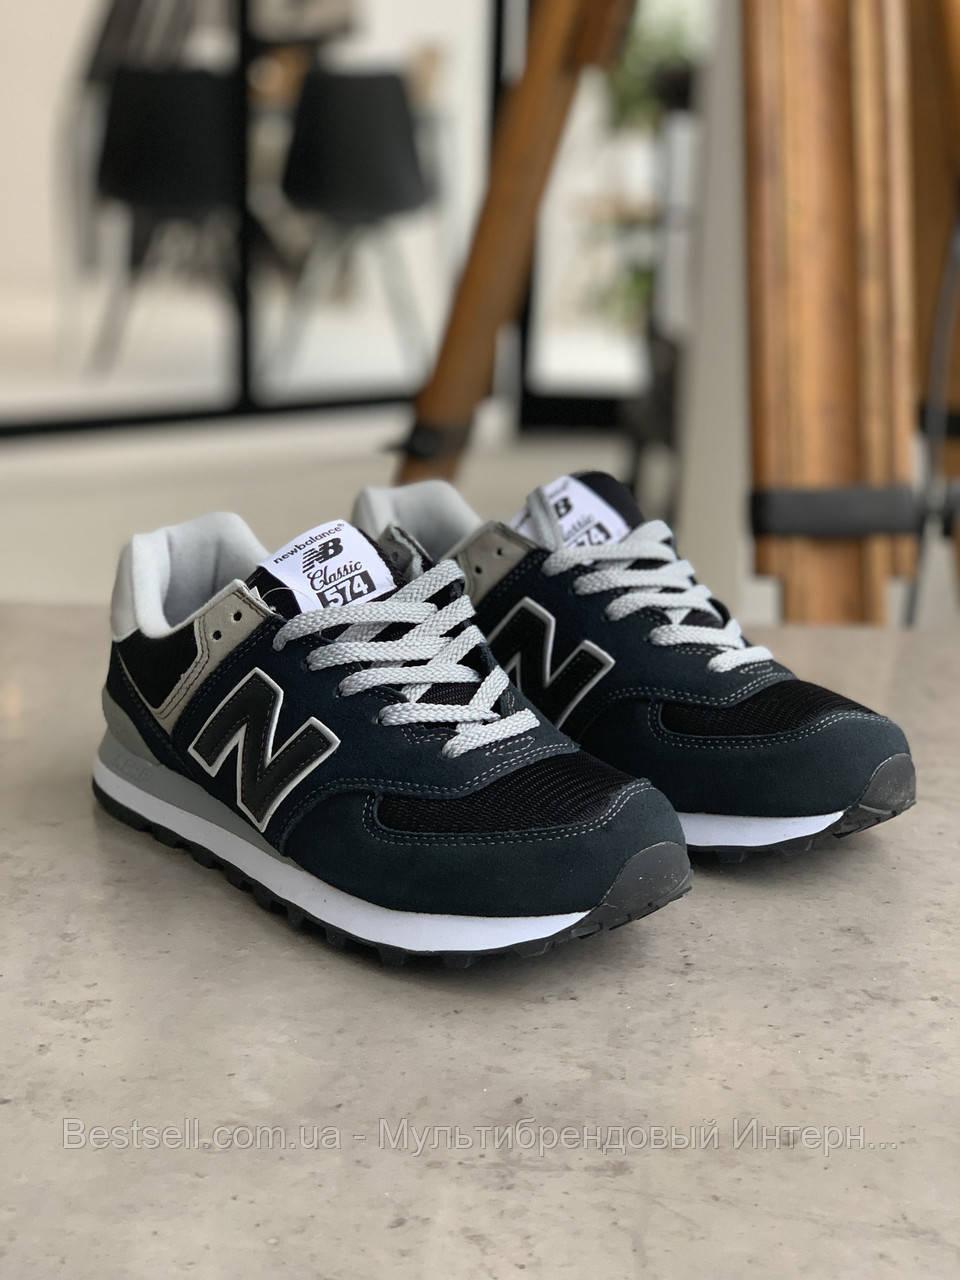 Кросівки New Balance 574 Нью Беланс 574 Темно-сині (42 останній)